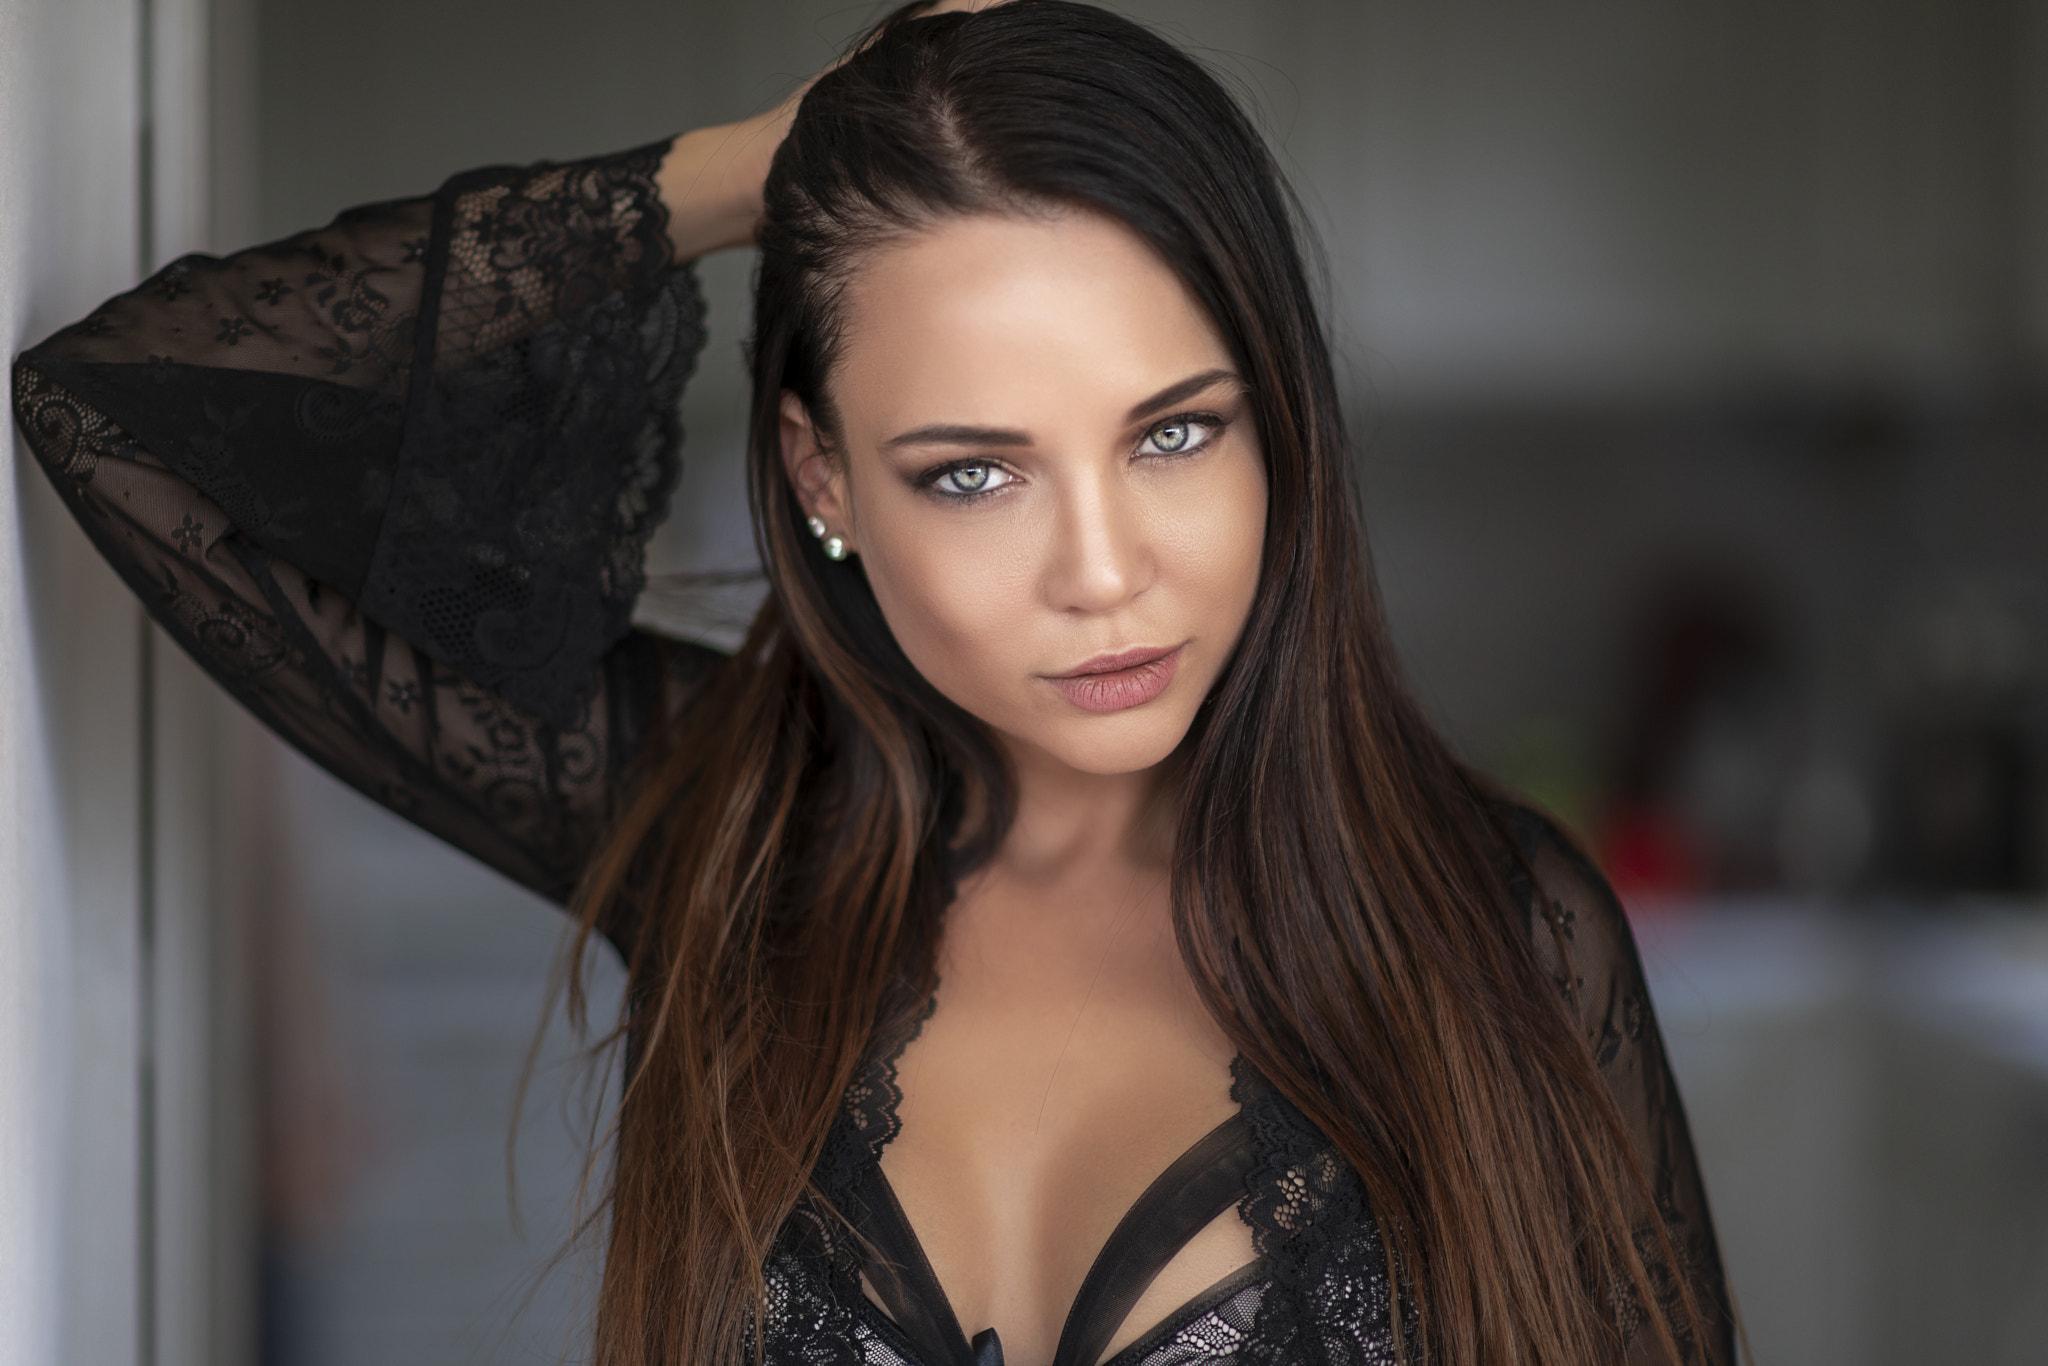 Русская красотка ангелина, Русское порно с Анжелика - смотреть онлайн бесплатно 3 фотография